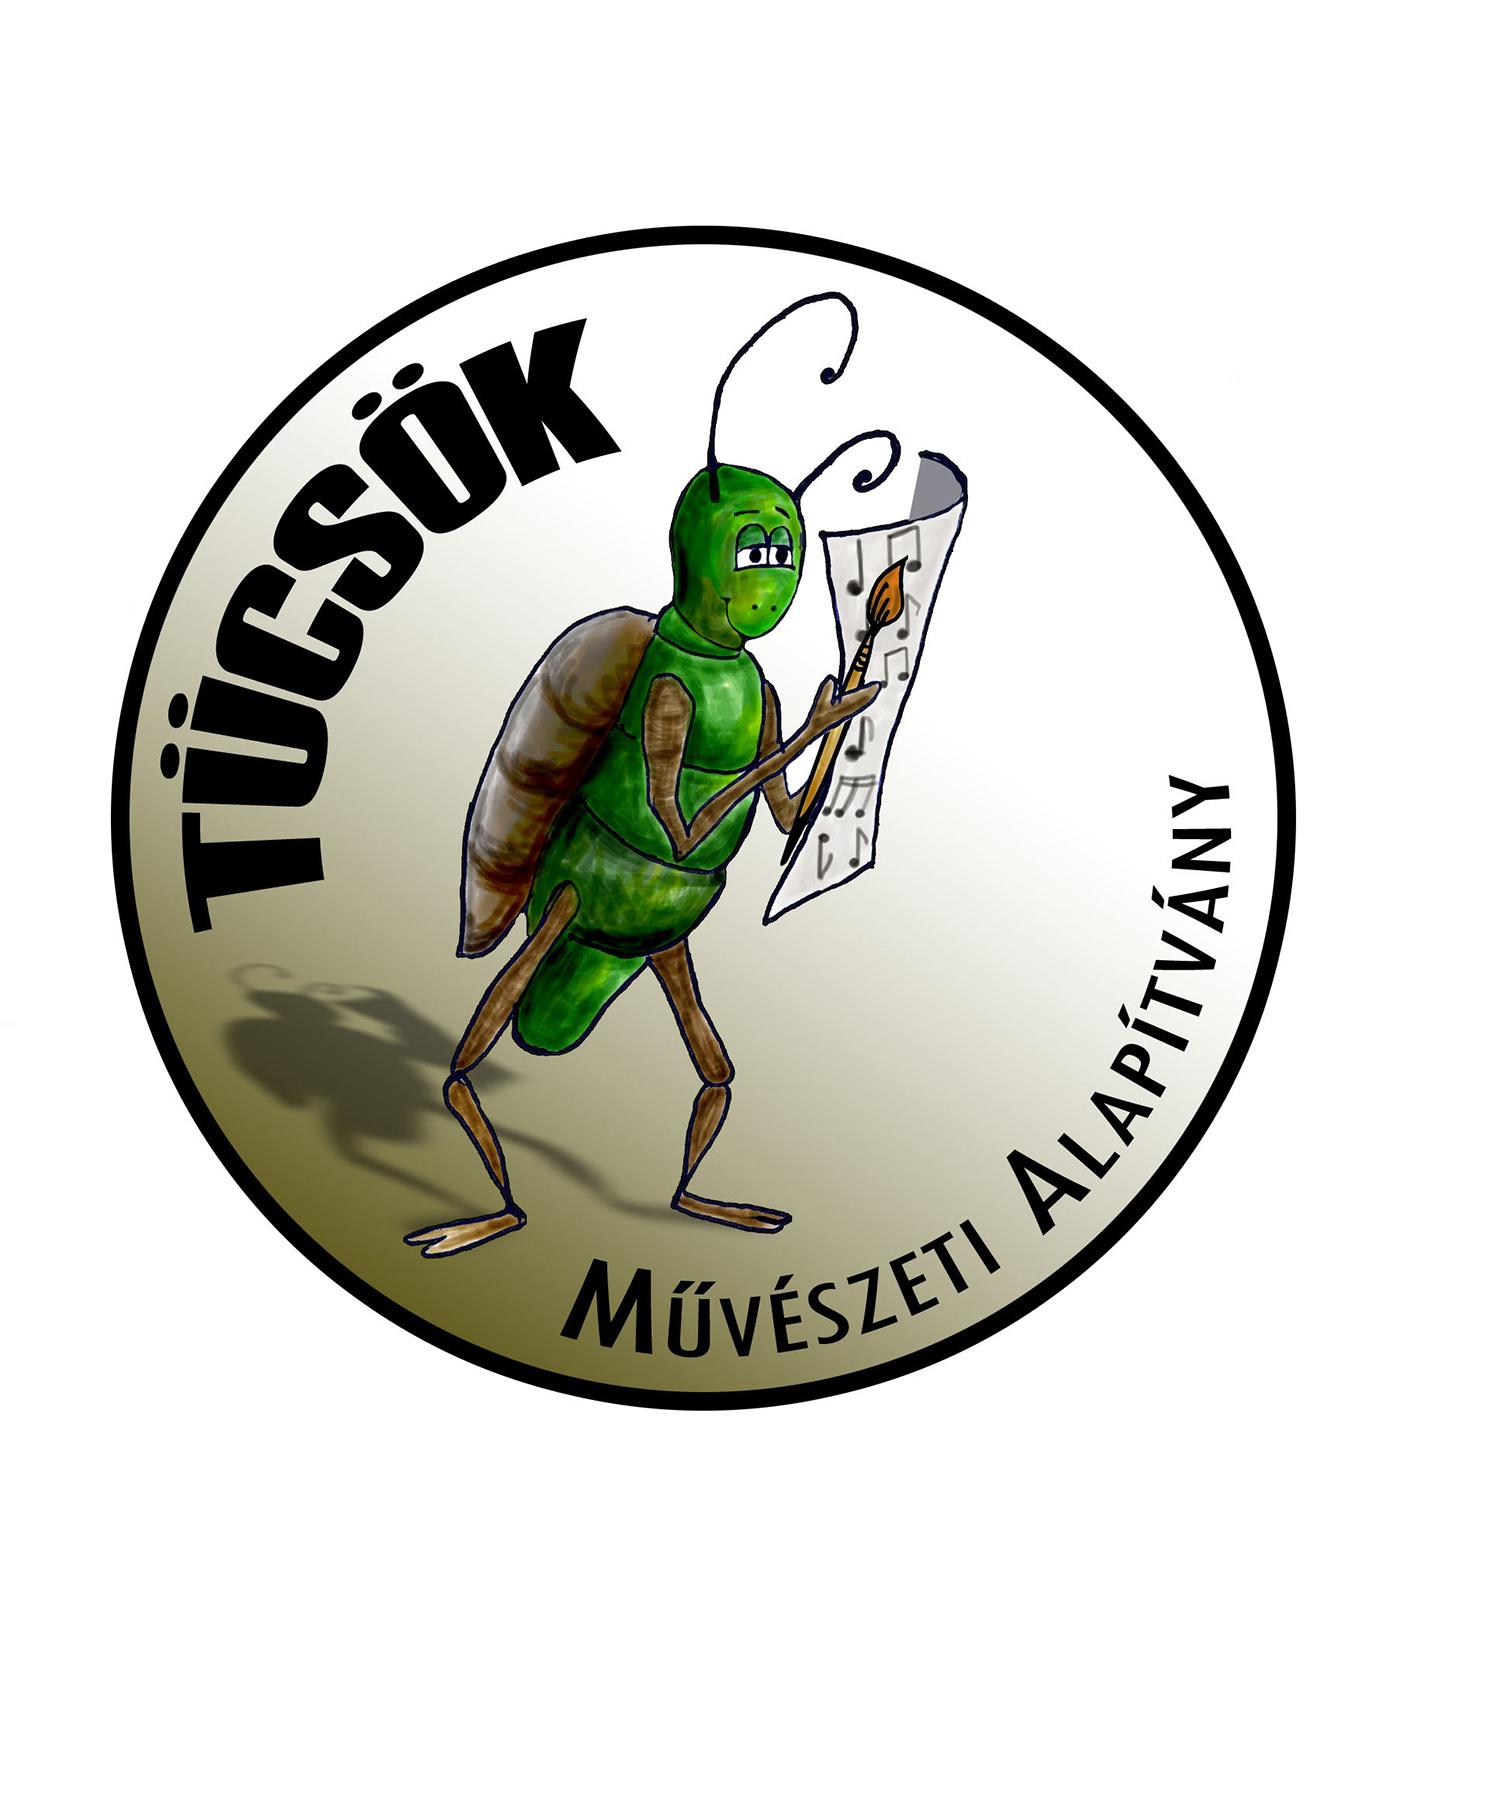 tucsok-muv-alap-logo